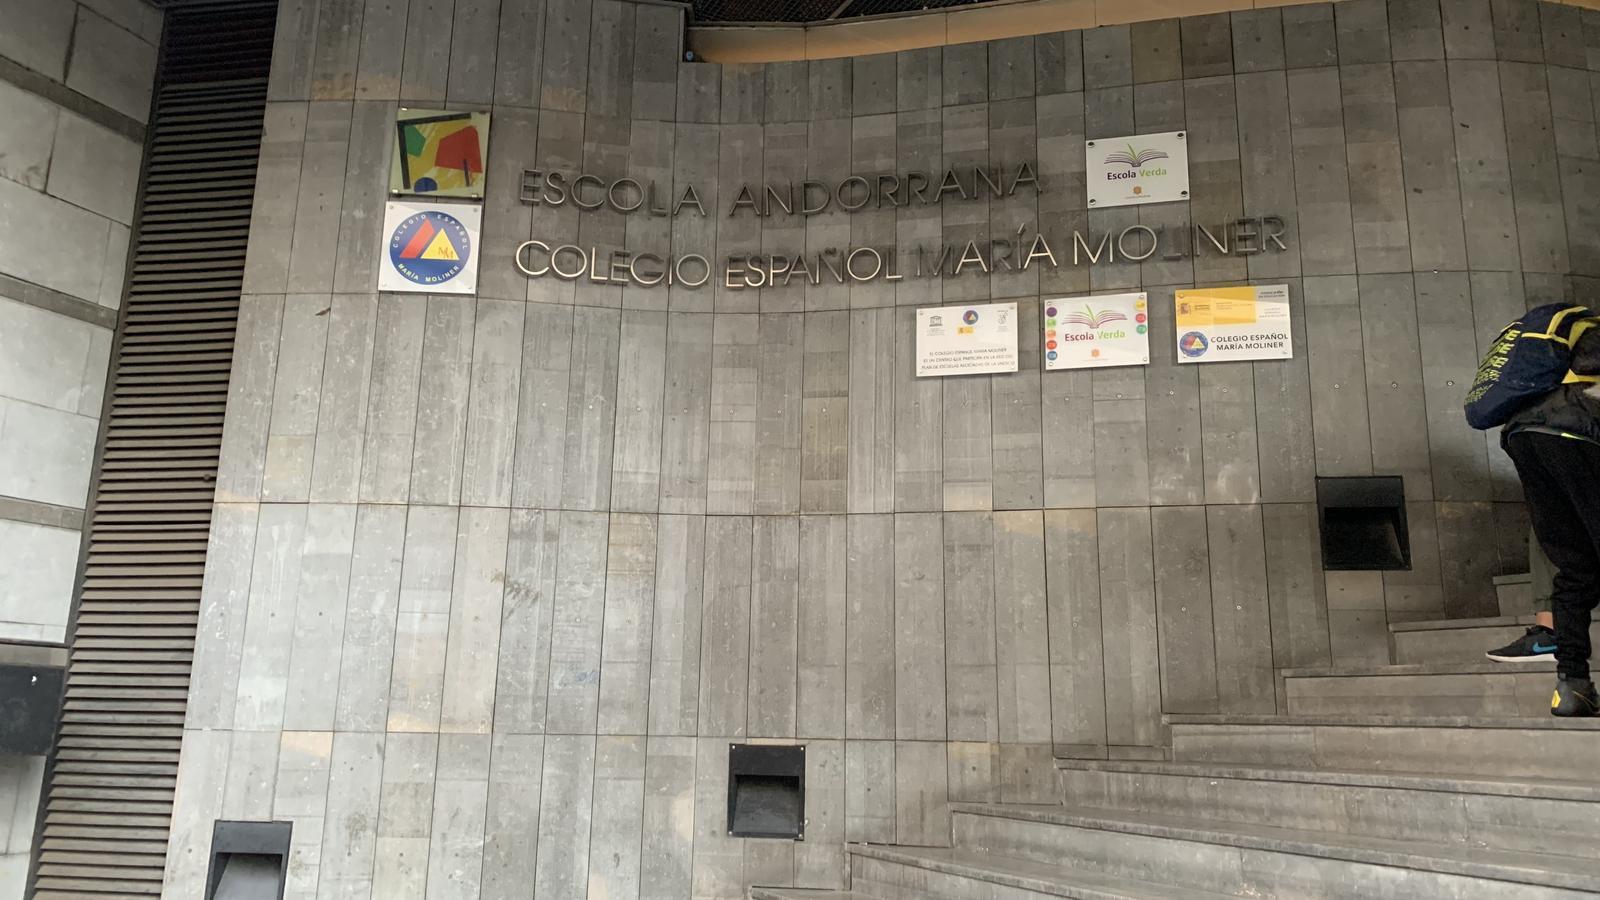 La porta principal d'entrada del Col·legi Espanyol Maria Moliner / ARA ANDORRA.